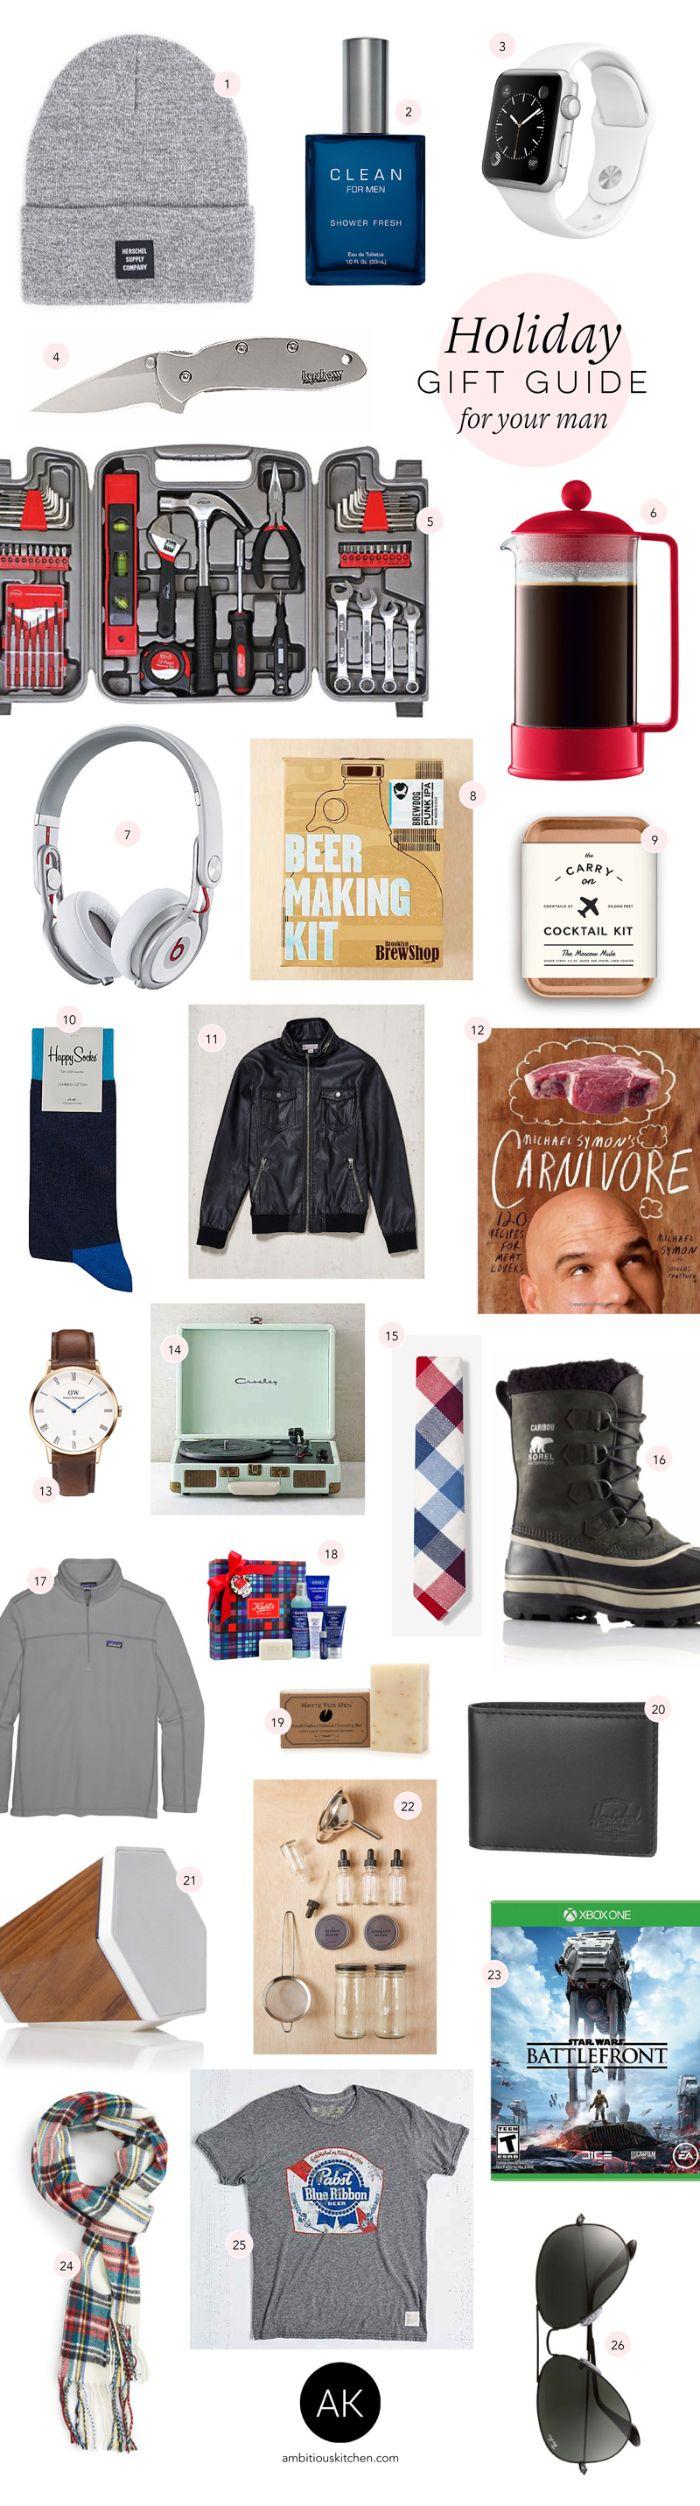 coole geburtstagsgeschenke, viele ideen auf einmal kleine geschenke zum überraschen von freund